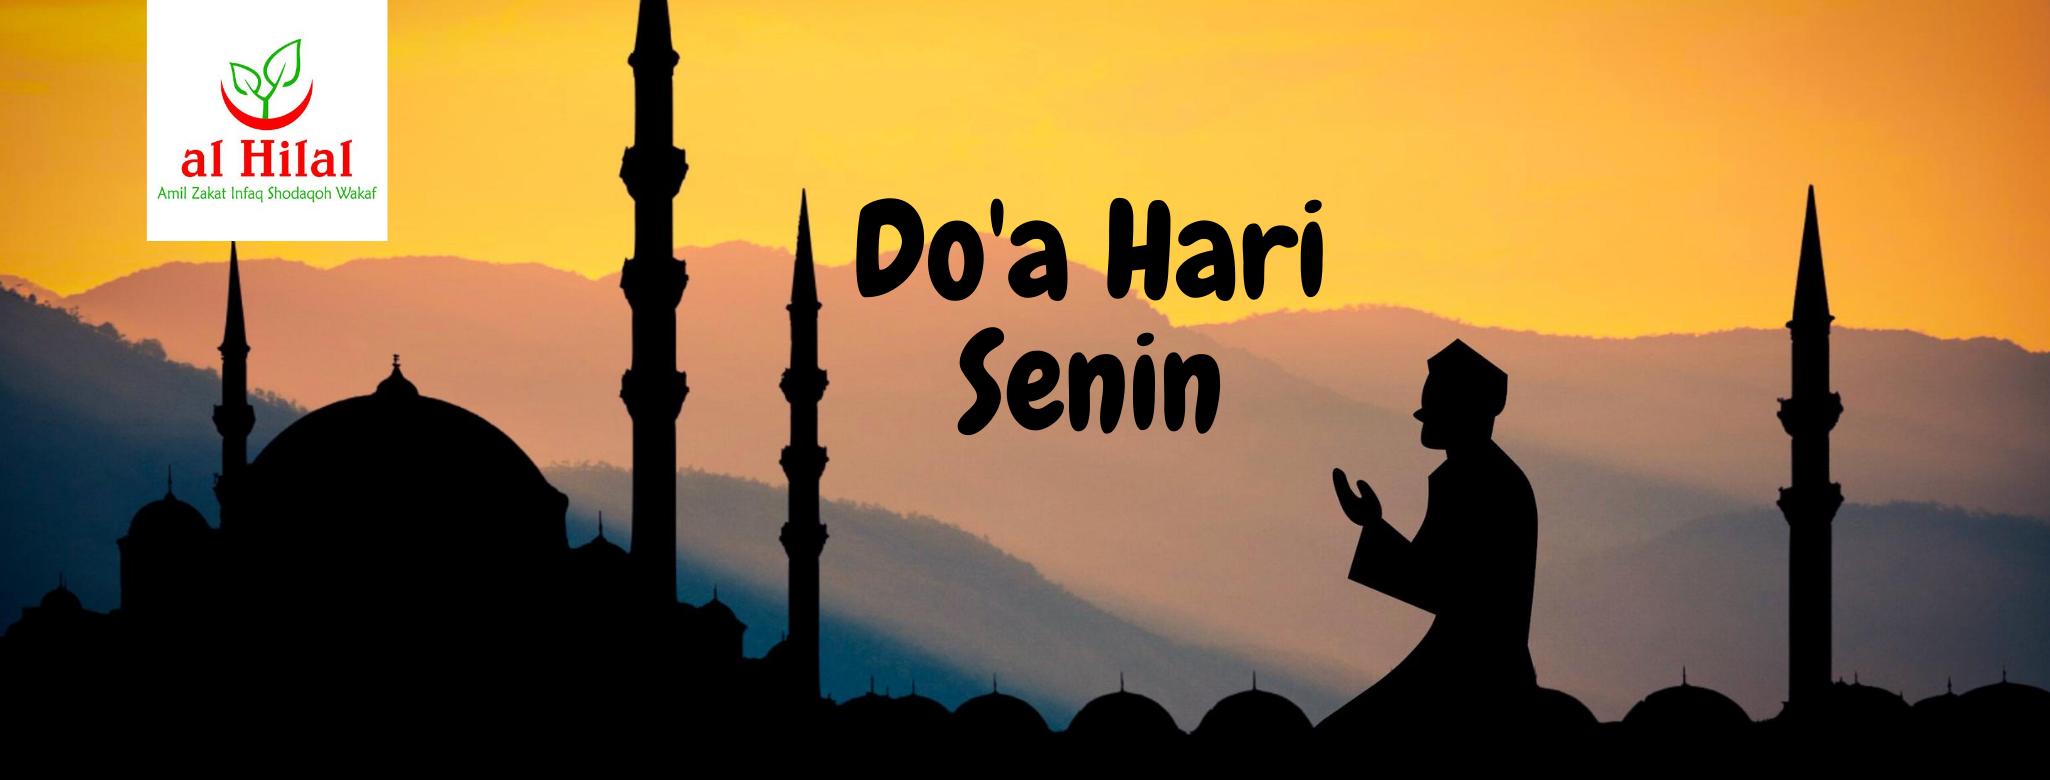 LAZ al-Hilal | Lembaga Amil Zakat, Infak & Sedekah Bandung